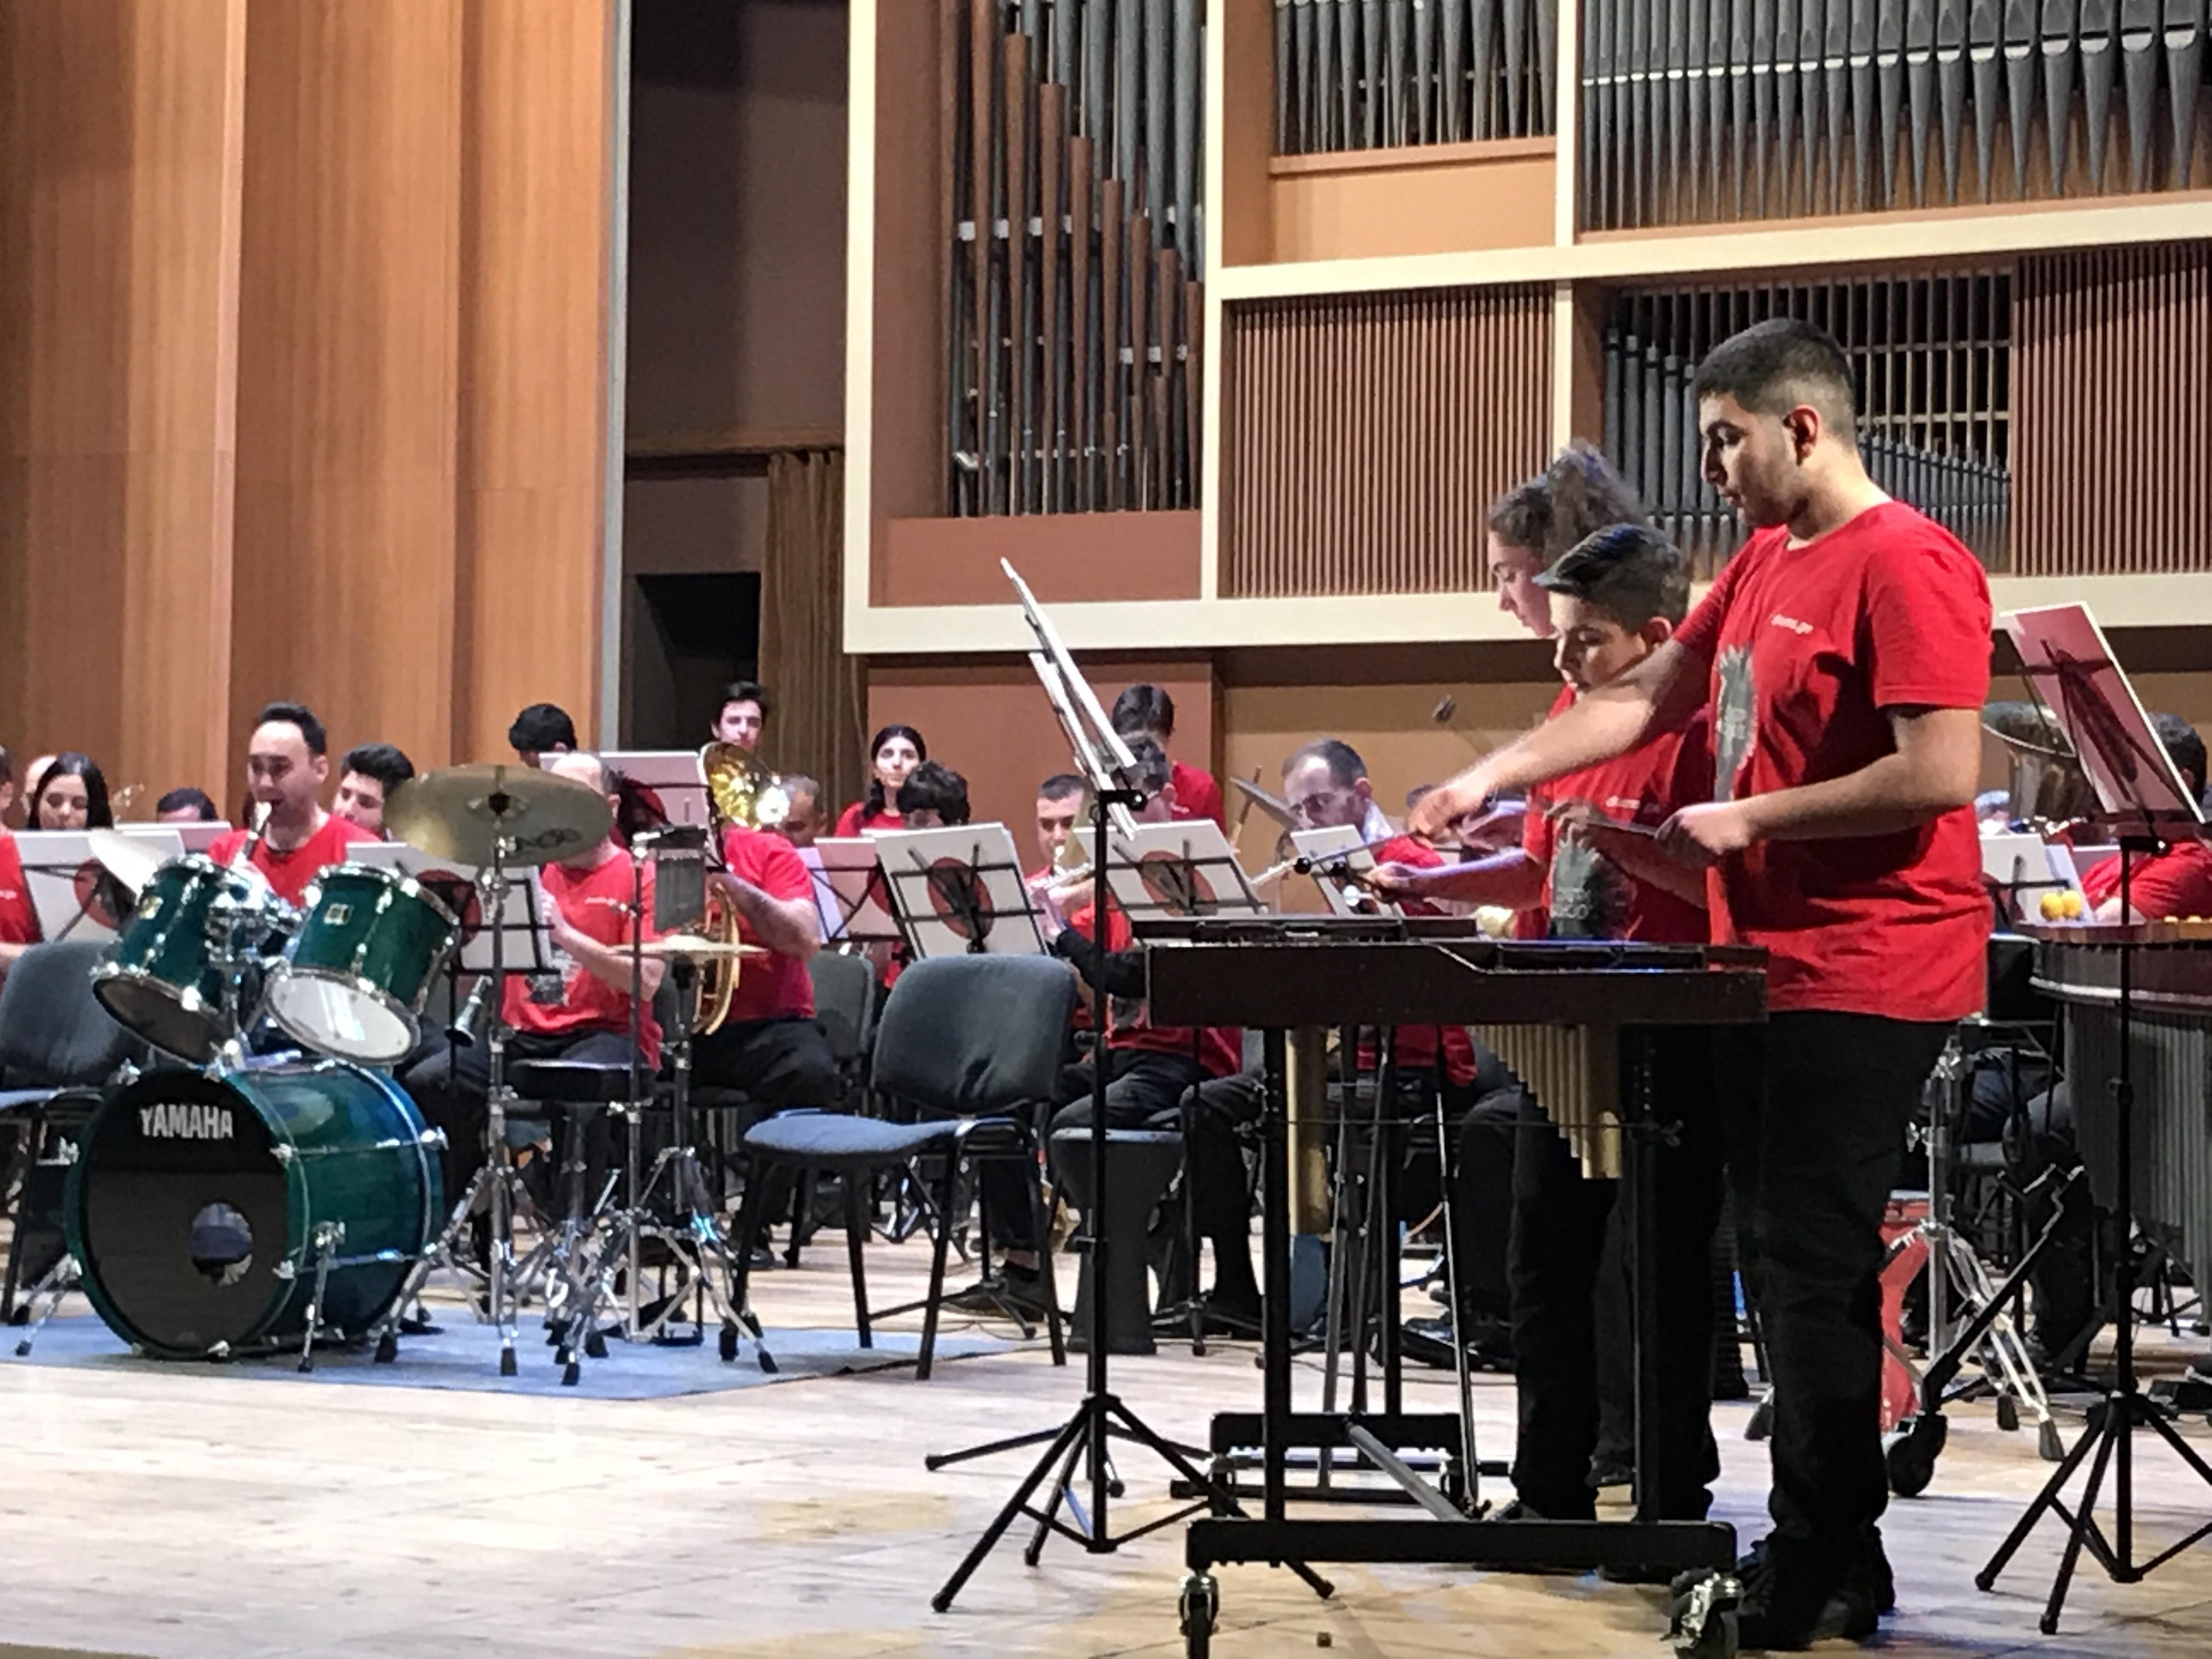 Школа барабанщиков в Тбилиси отметила юбилей уникальным концертом